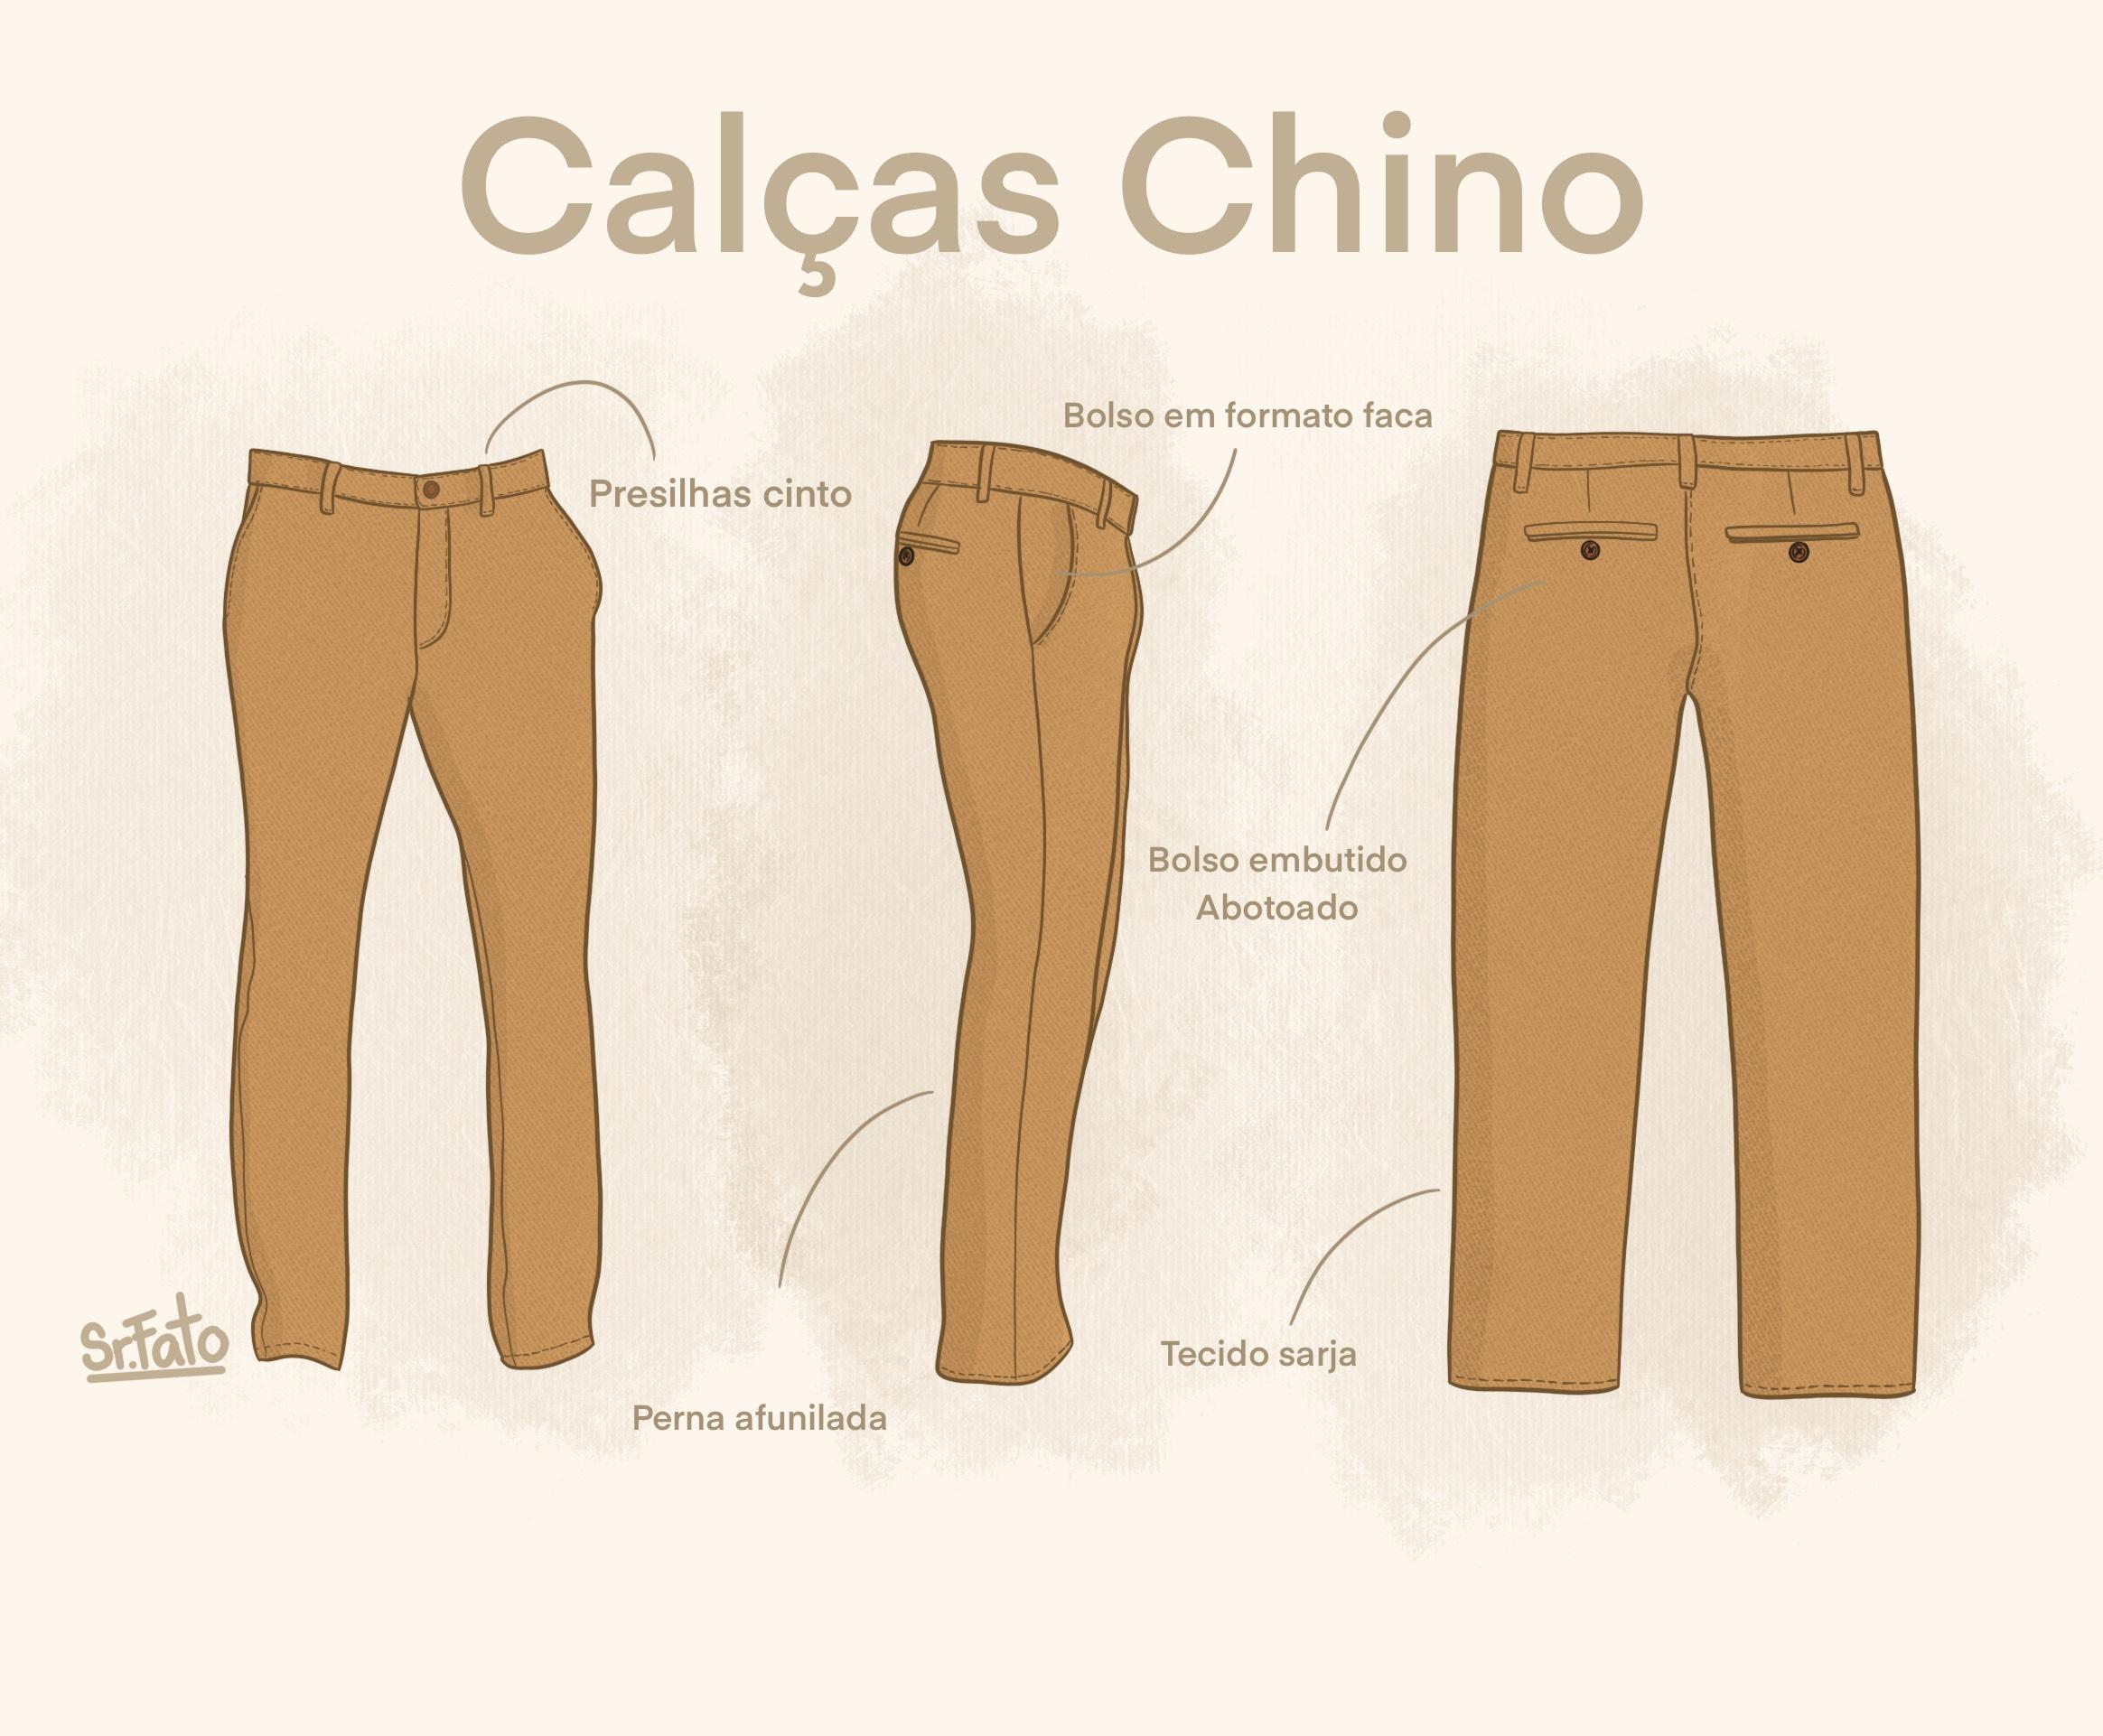 Calças Chino